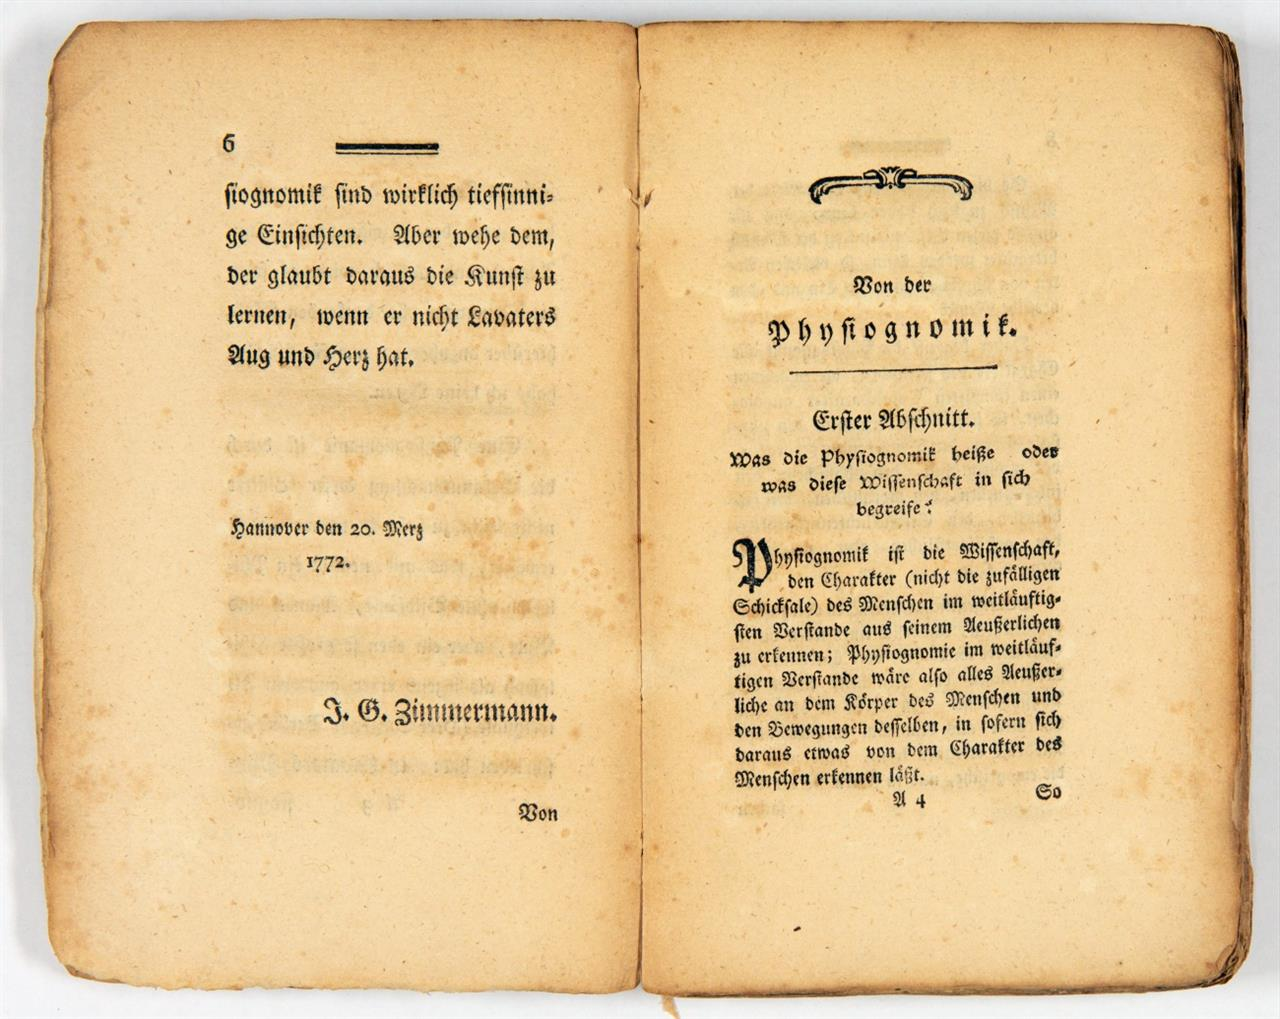 J.C. Lavater, Von der Physiognomik. 2 Tle. in 1 Bd. Lpz. 1772.